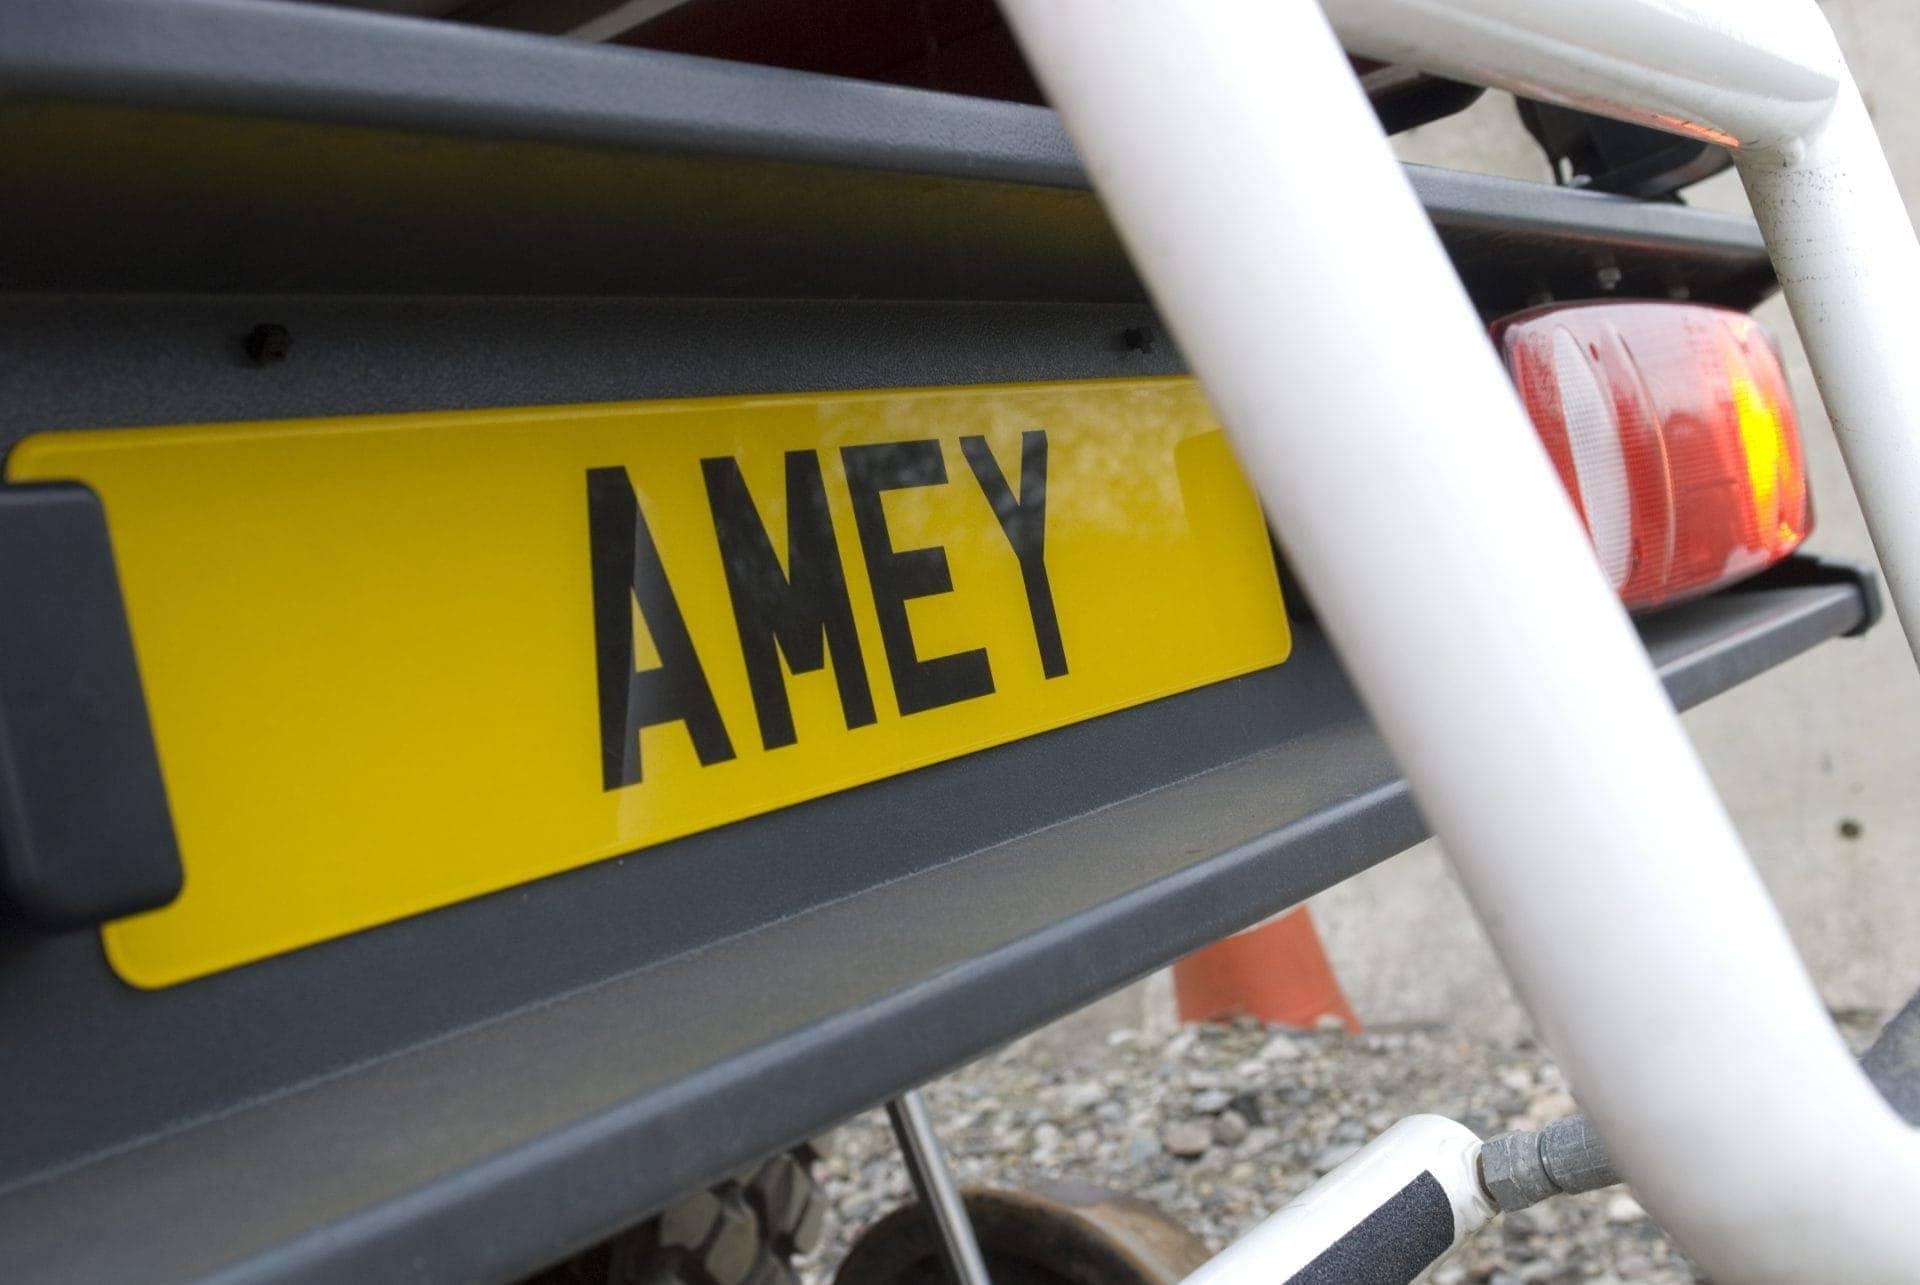 Amey app de CheckedSafe